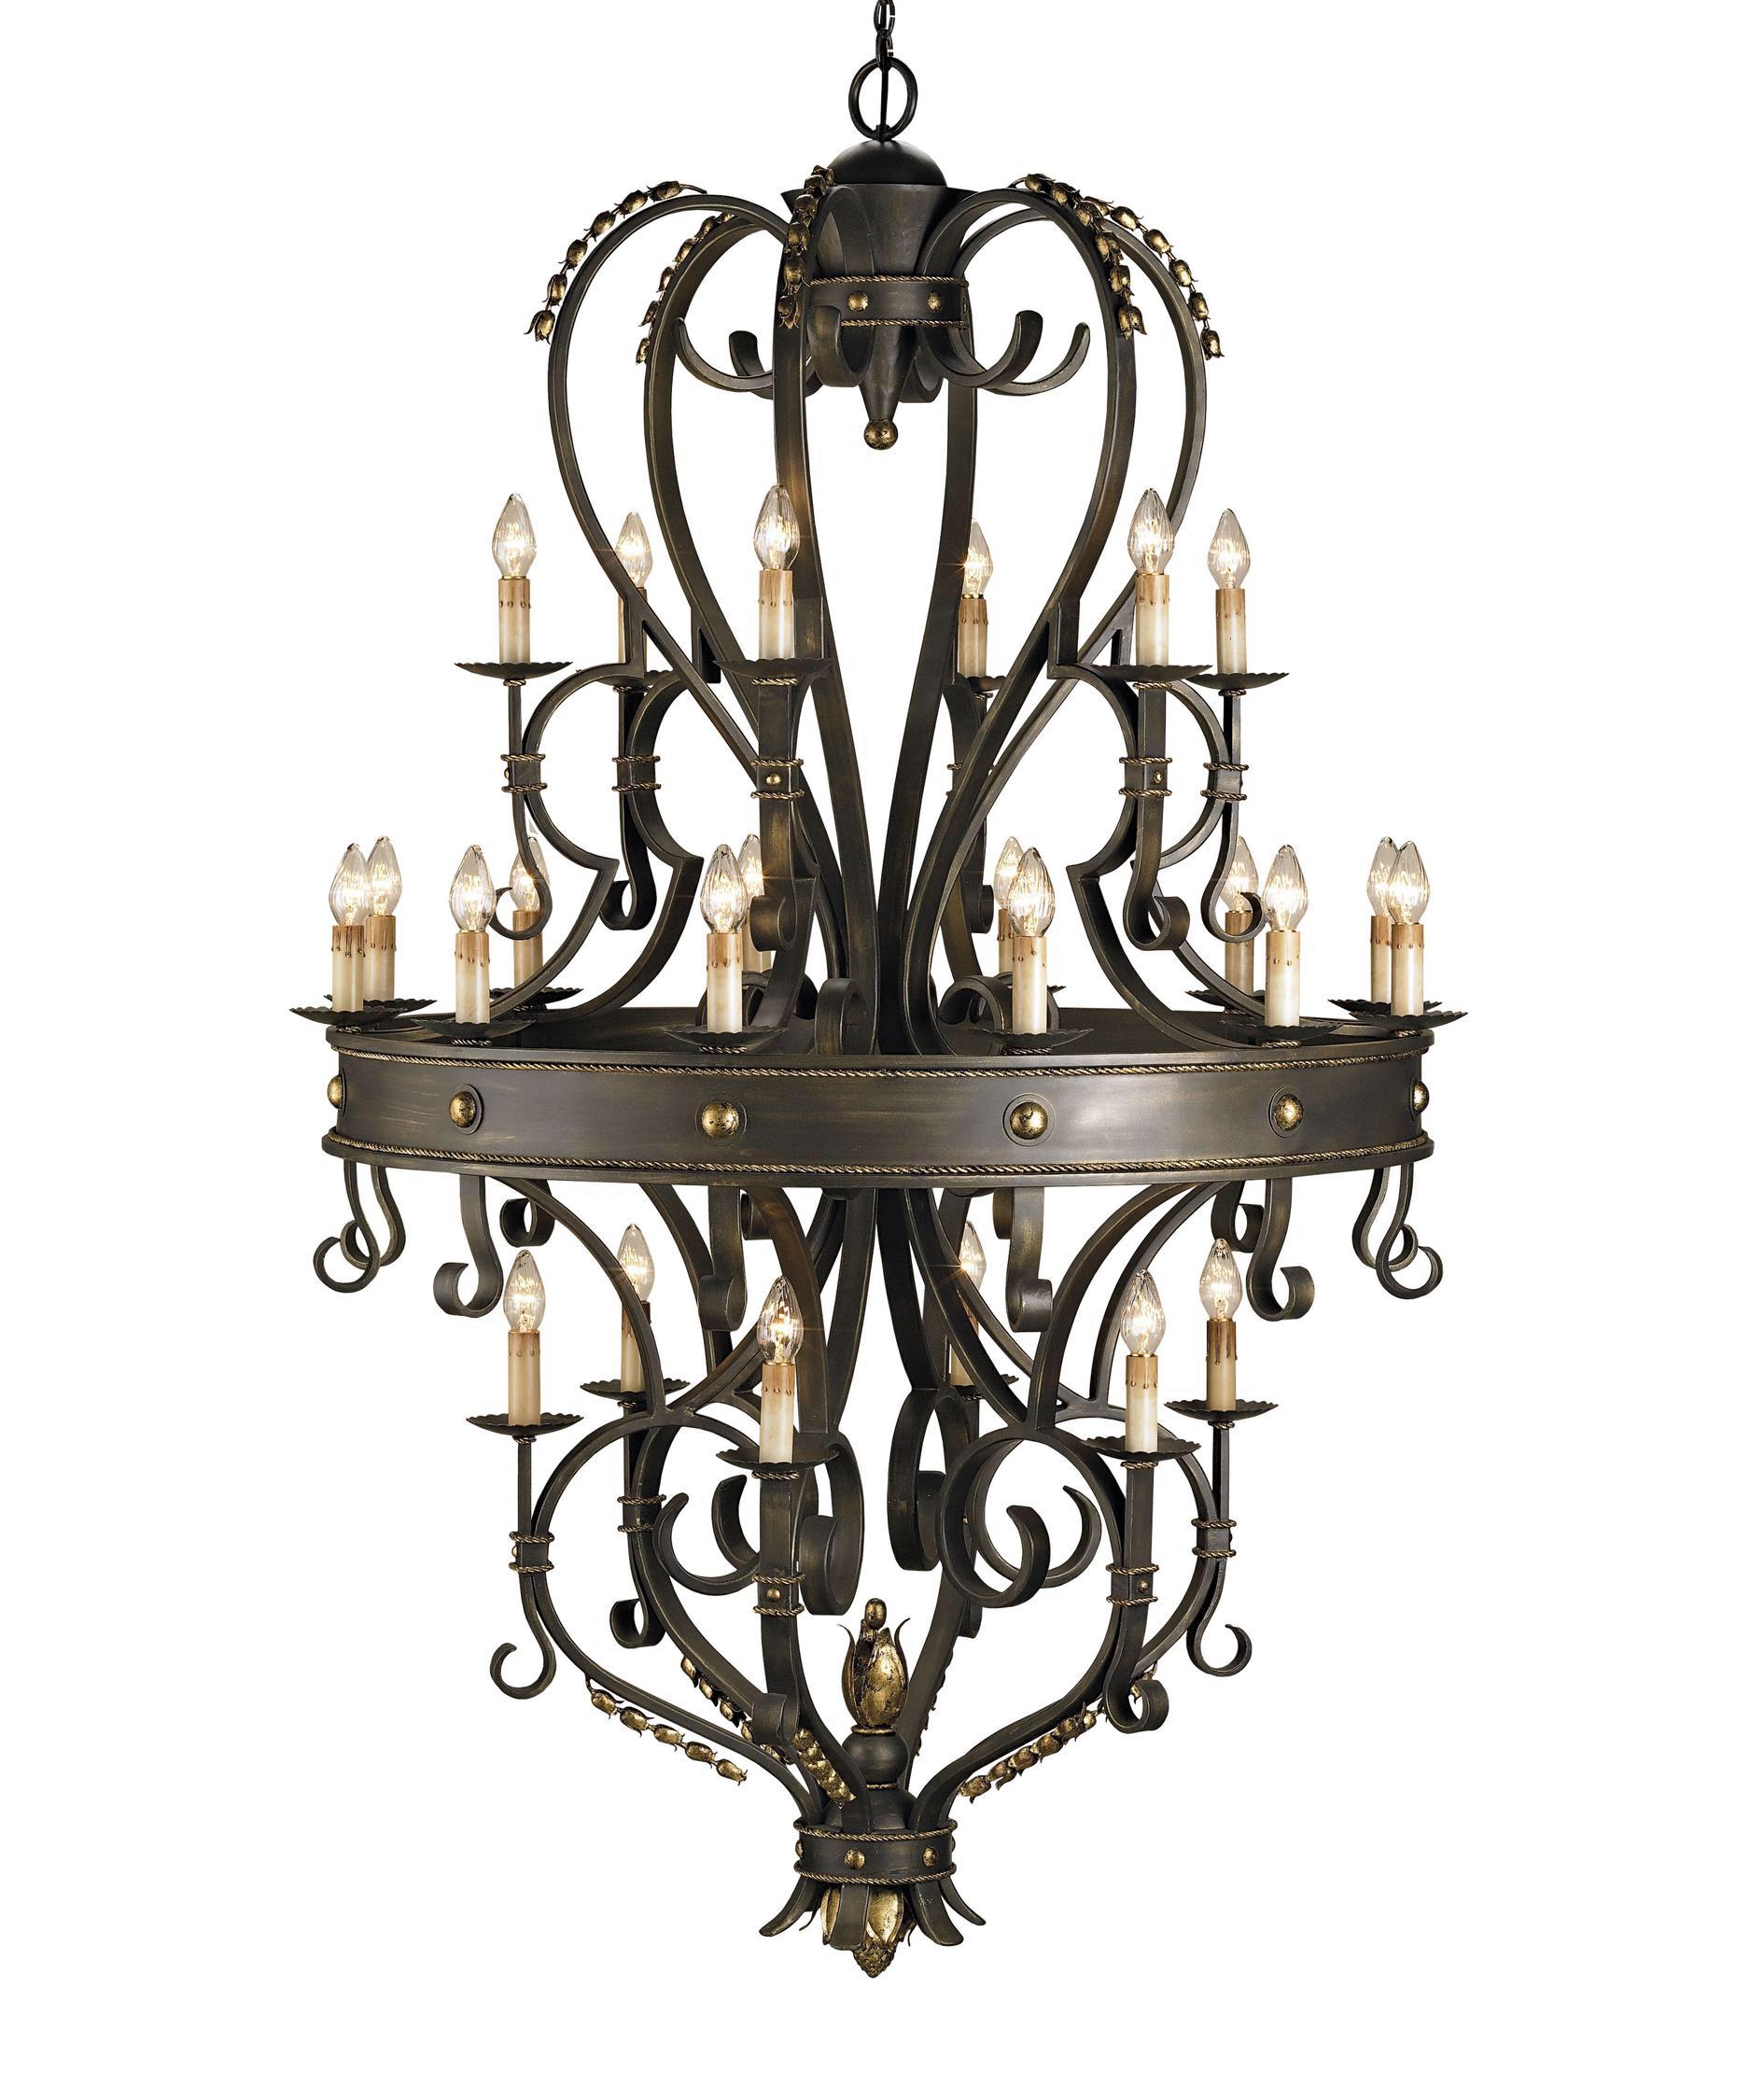 đèn chùm sắt châu âu phong cách cổ điển 1127